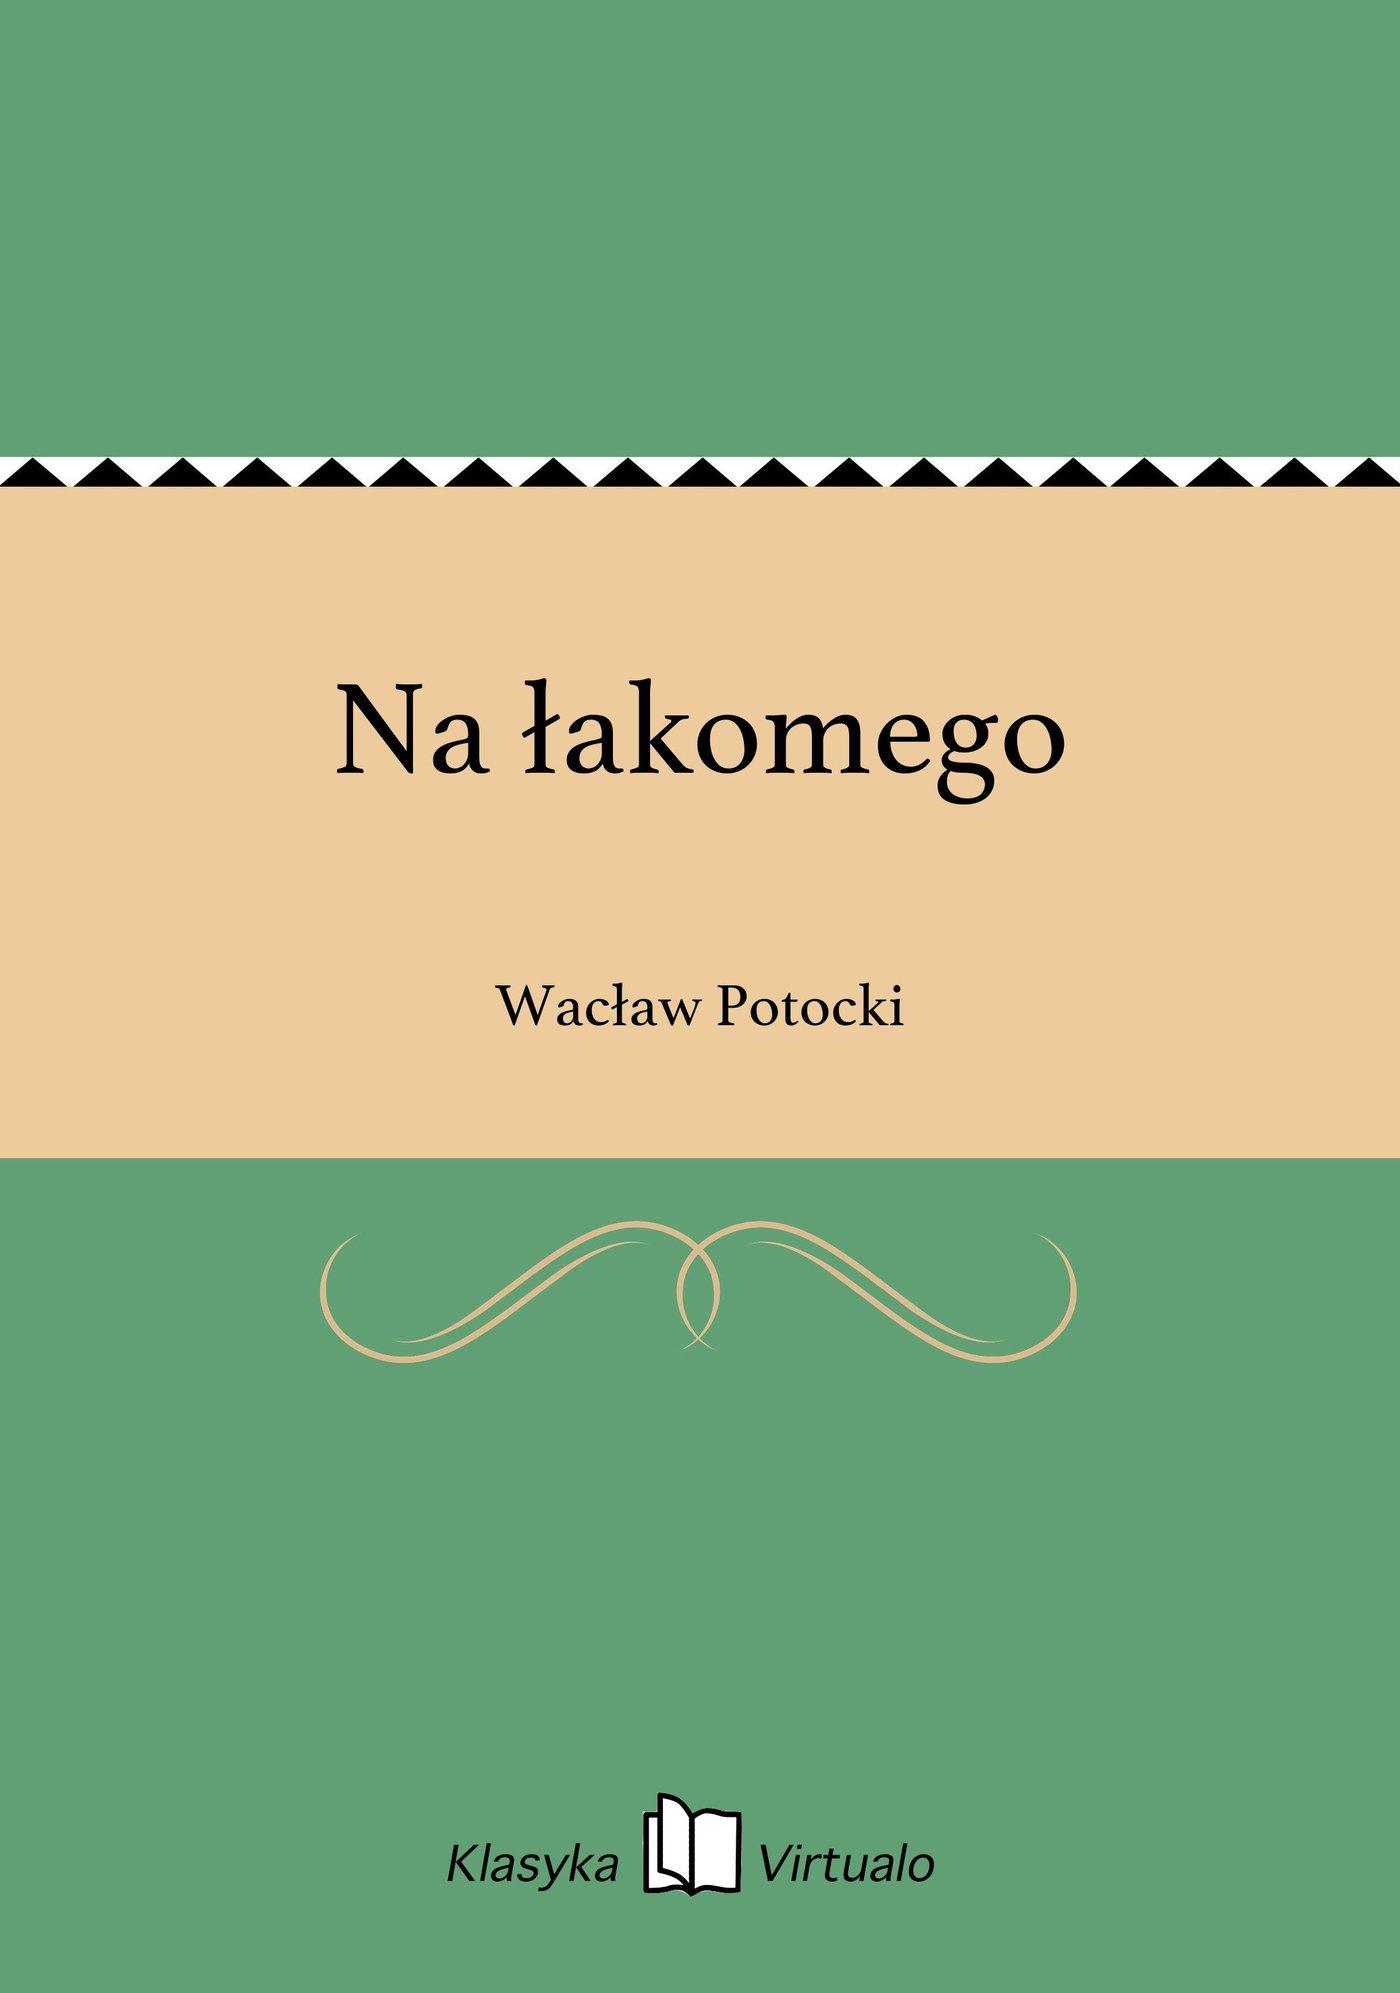 Na łakomego - Ebook (Książka EPUB) do pobrania w formacie EPUB